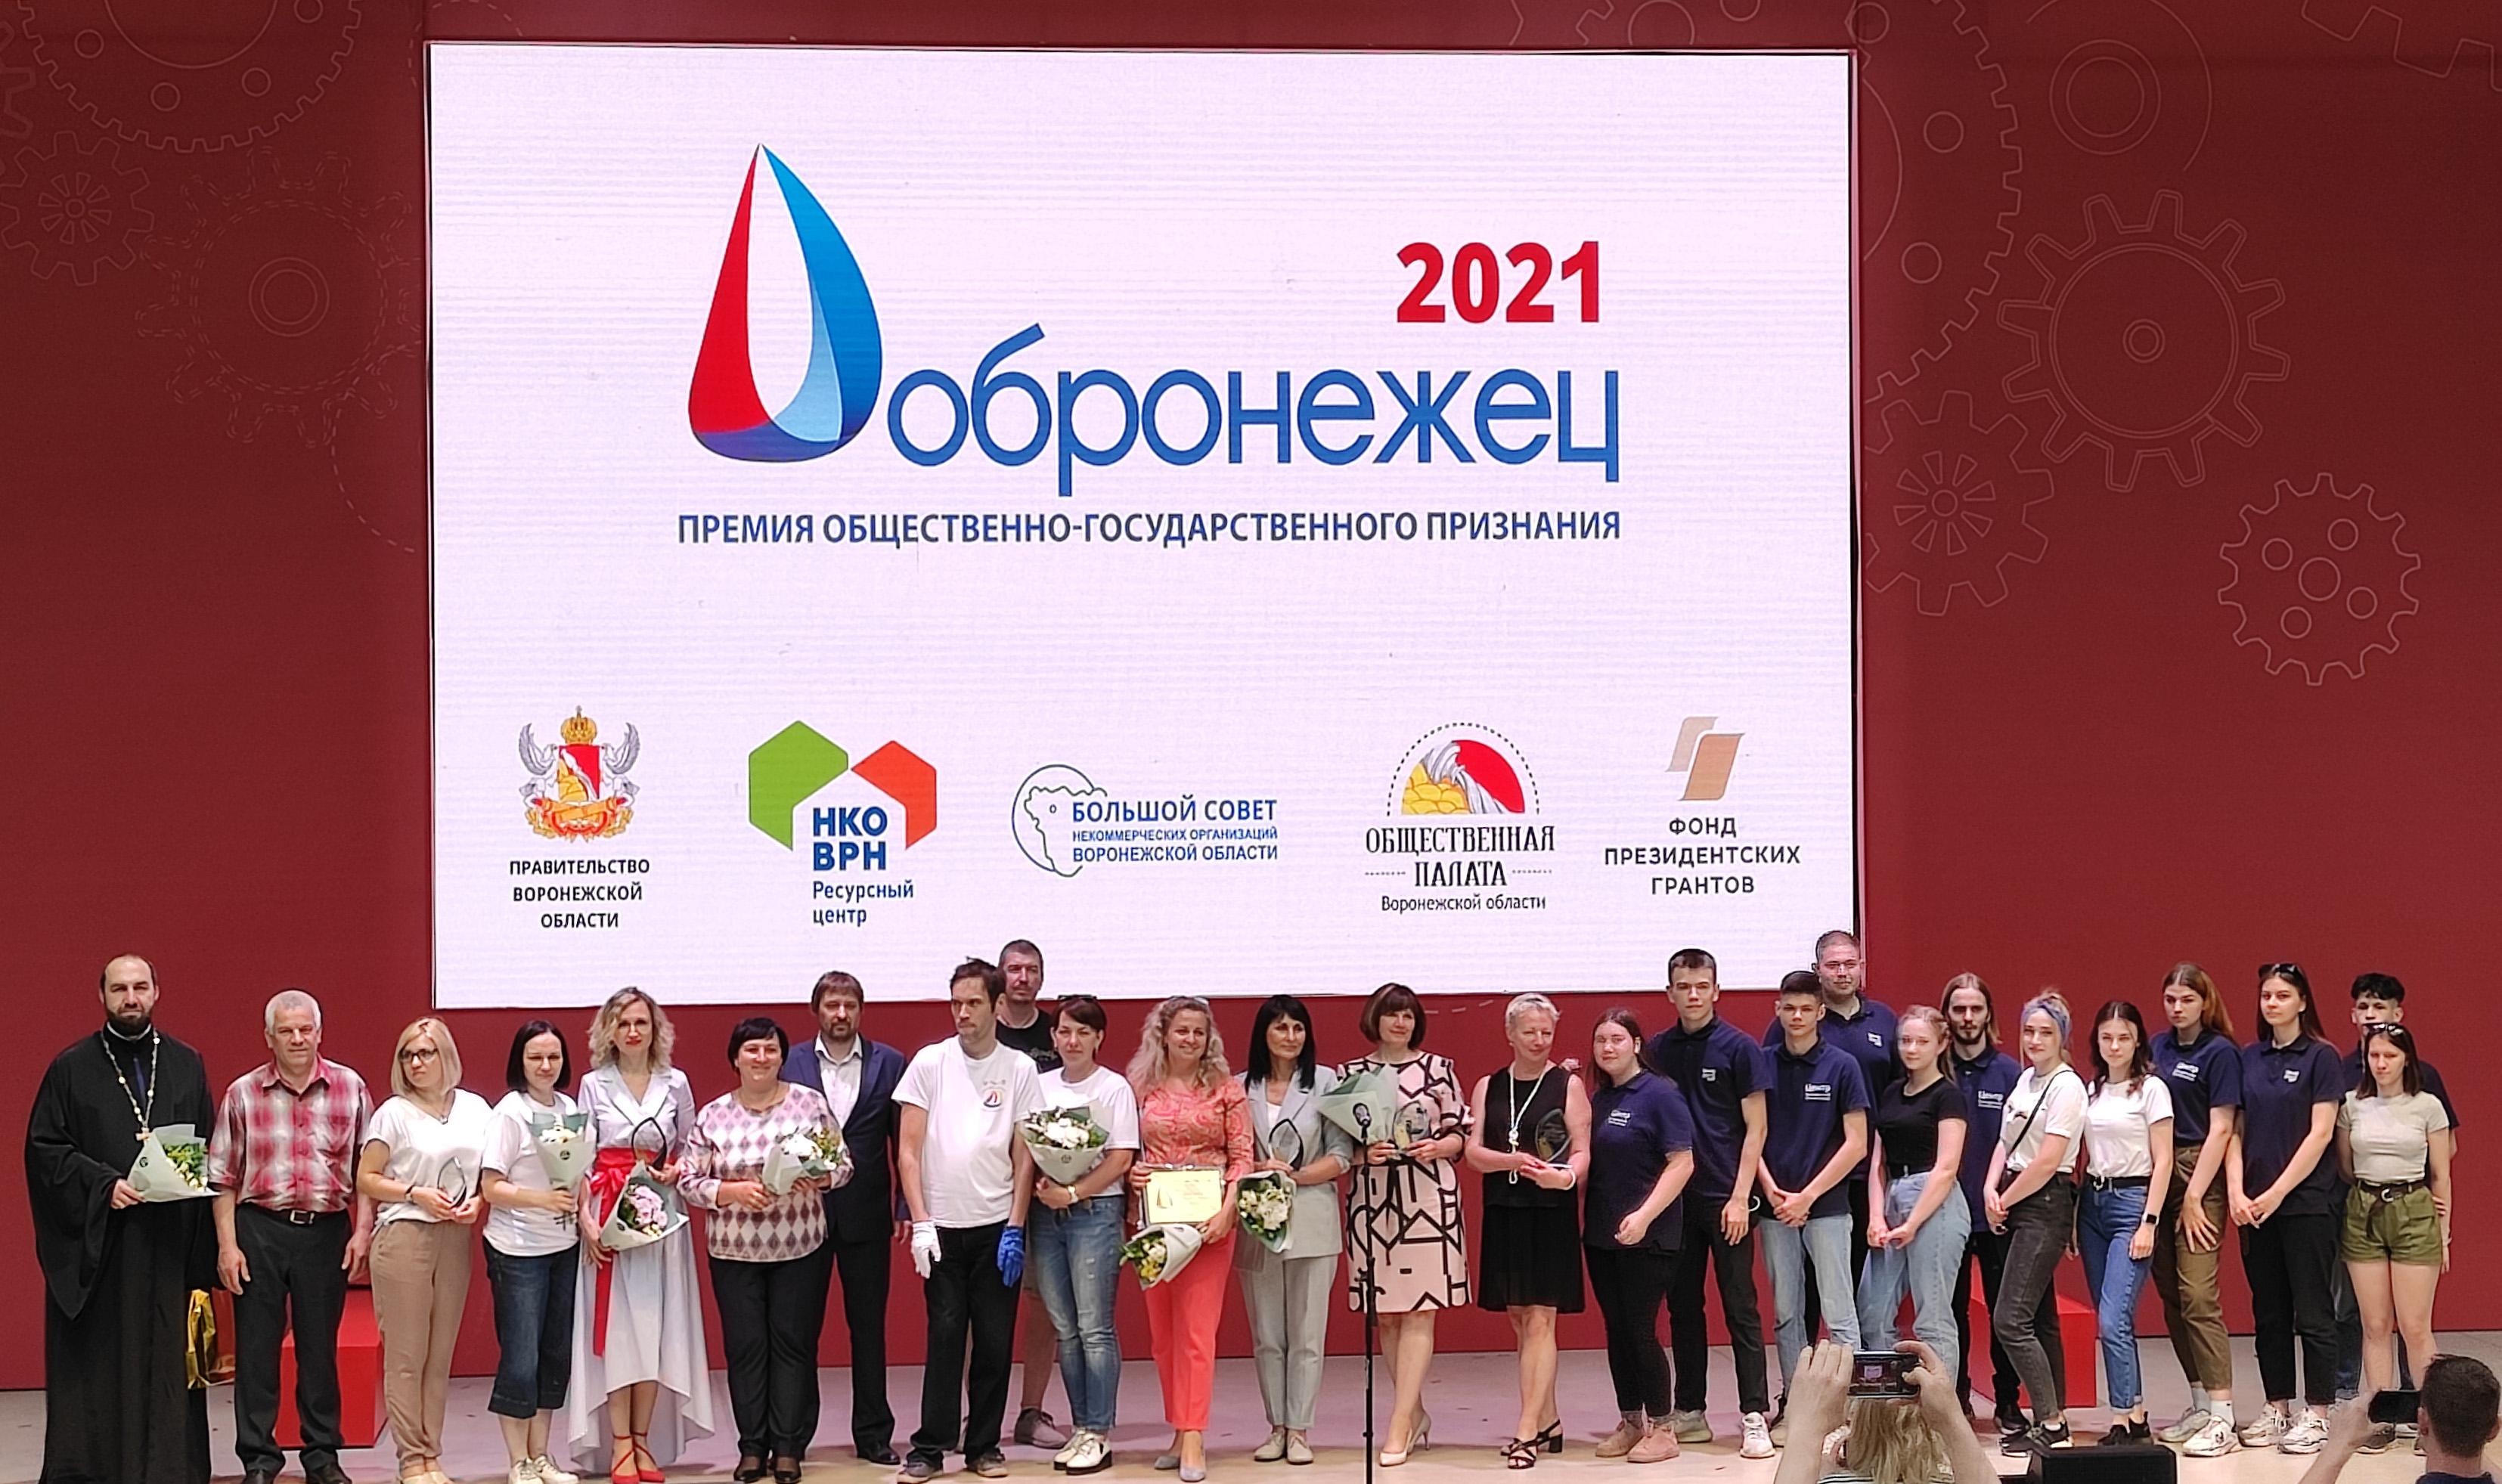 Проект для пенсионеров «Активное долголетие» выиграл премию «Добронежец-2021» в номинации «Здоровье нации»